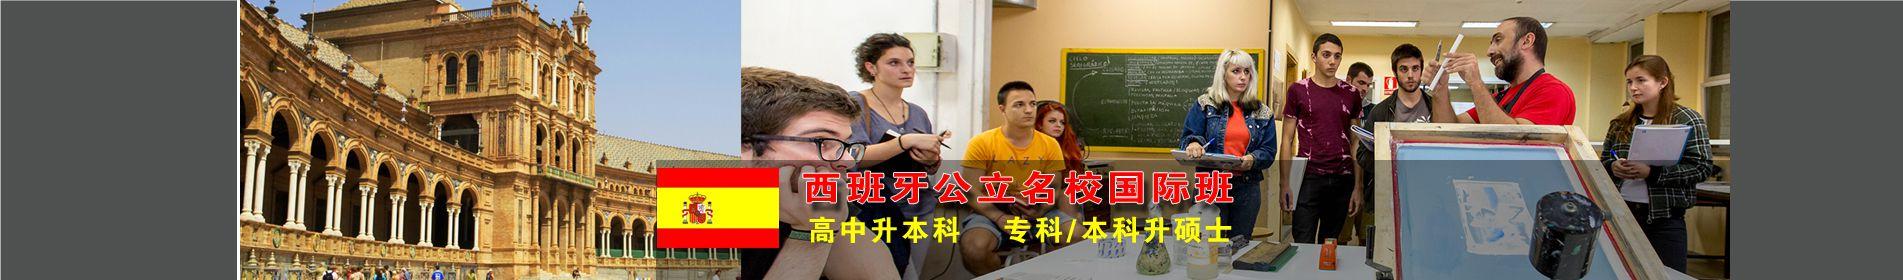 西班牙留学|:西班牙公立名校国际班